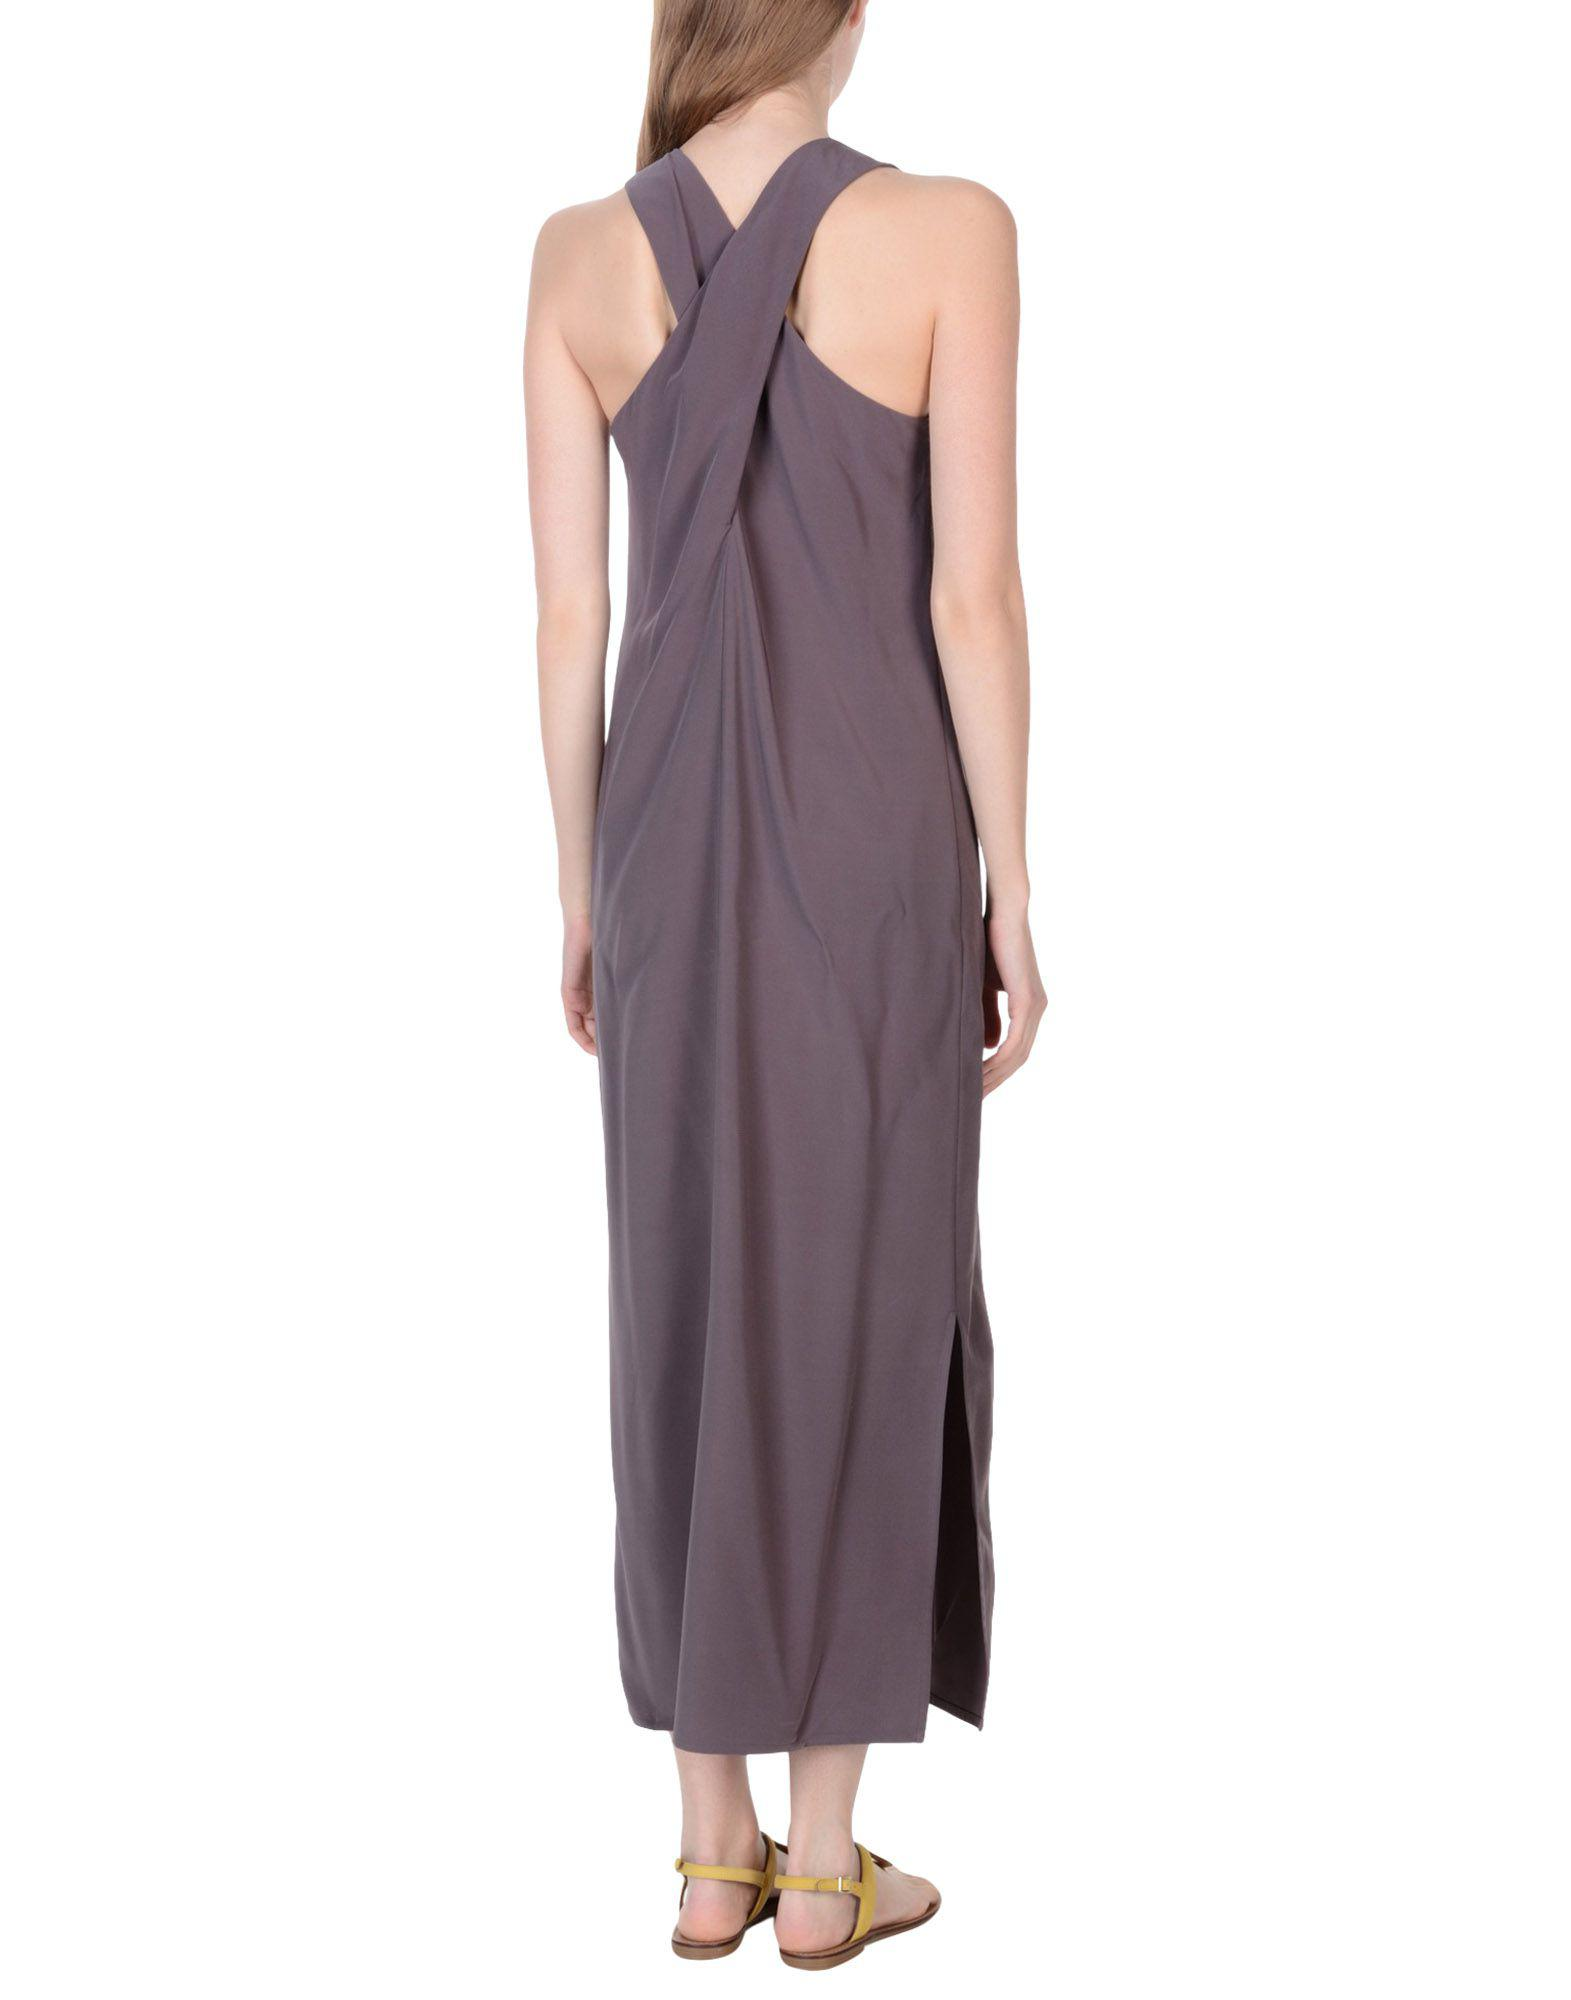 DRESSES - Long dresses Lamberto Losani N1Y61dg